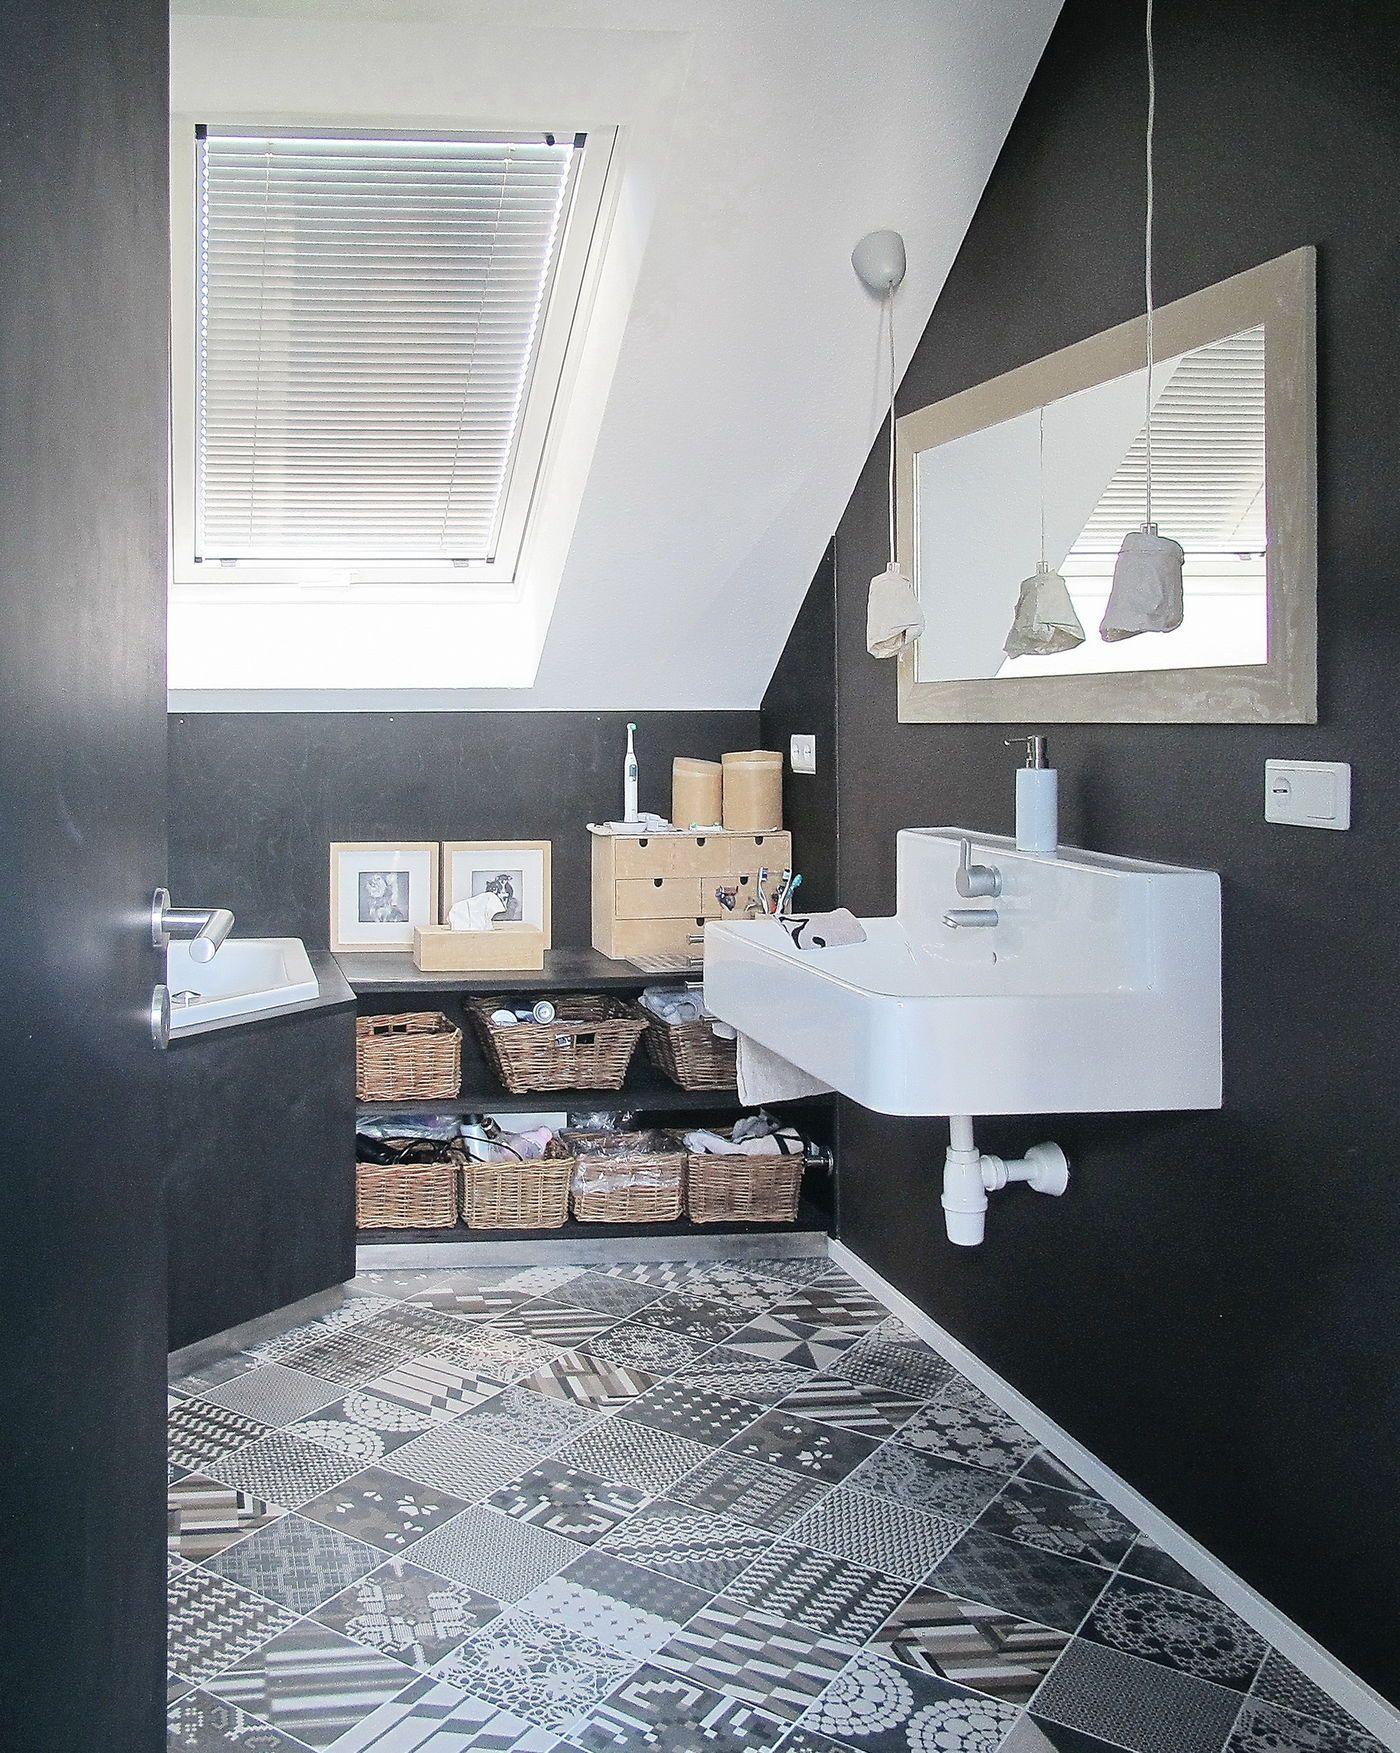 die sch nsten badezimmer ideen seite 13. Black Bedroom Furniture Sets. Home Design Ideas